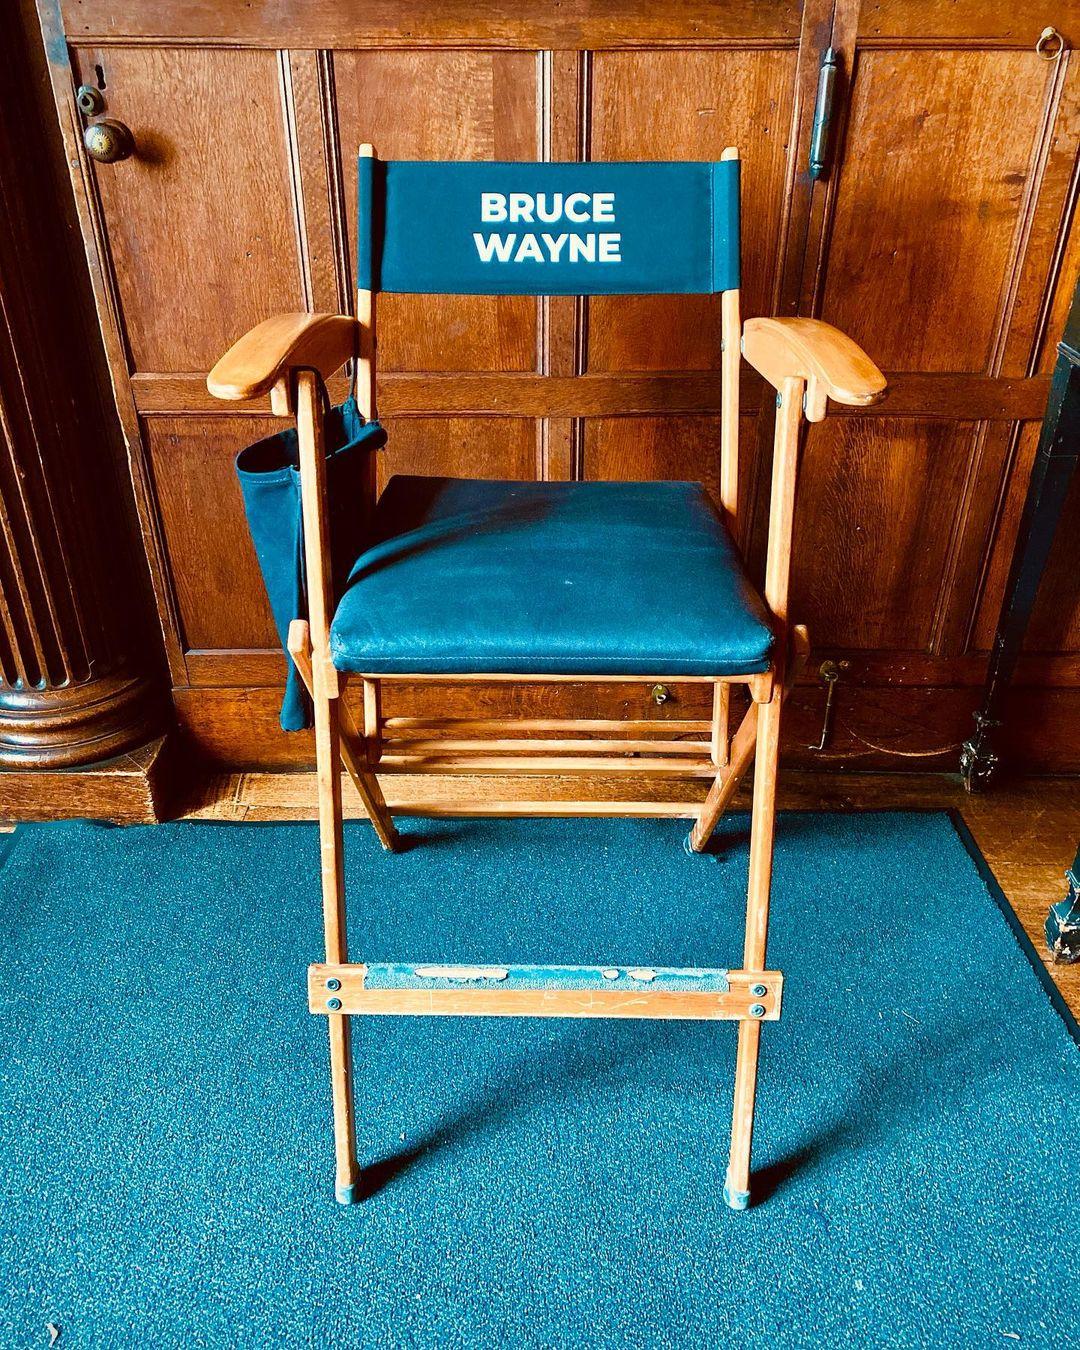 La silla de Bruce Wayne en el set de The Flash (2022). Imagen: Bárbara Muschietti Instagram (@barbaramus).